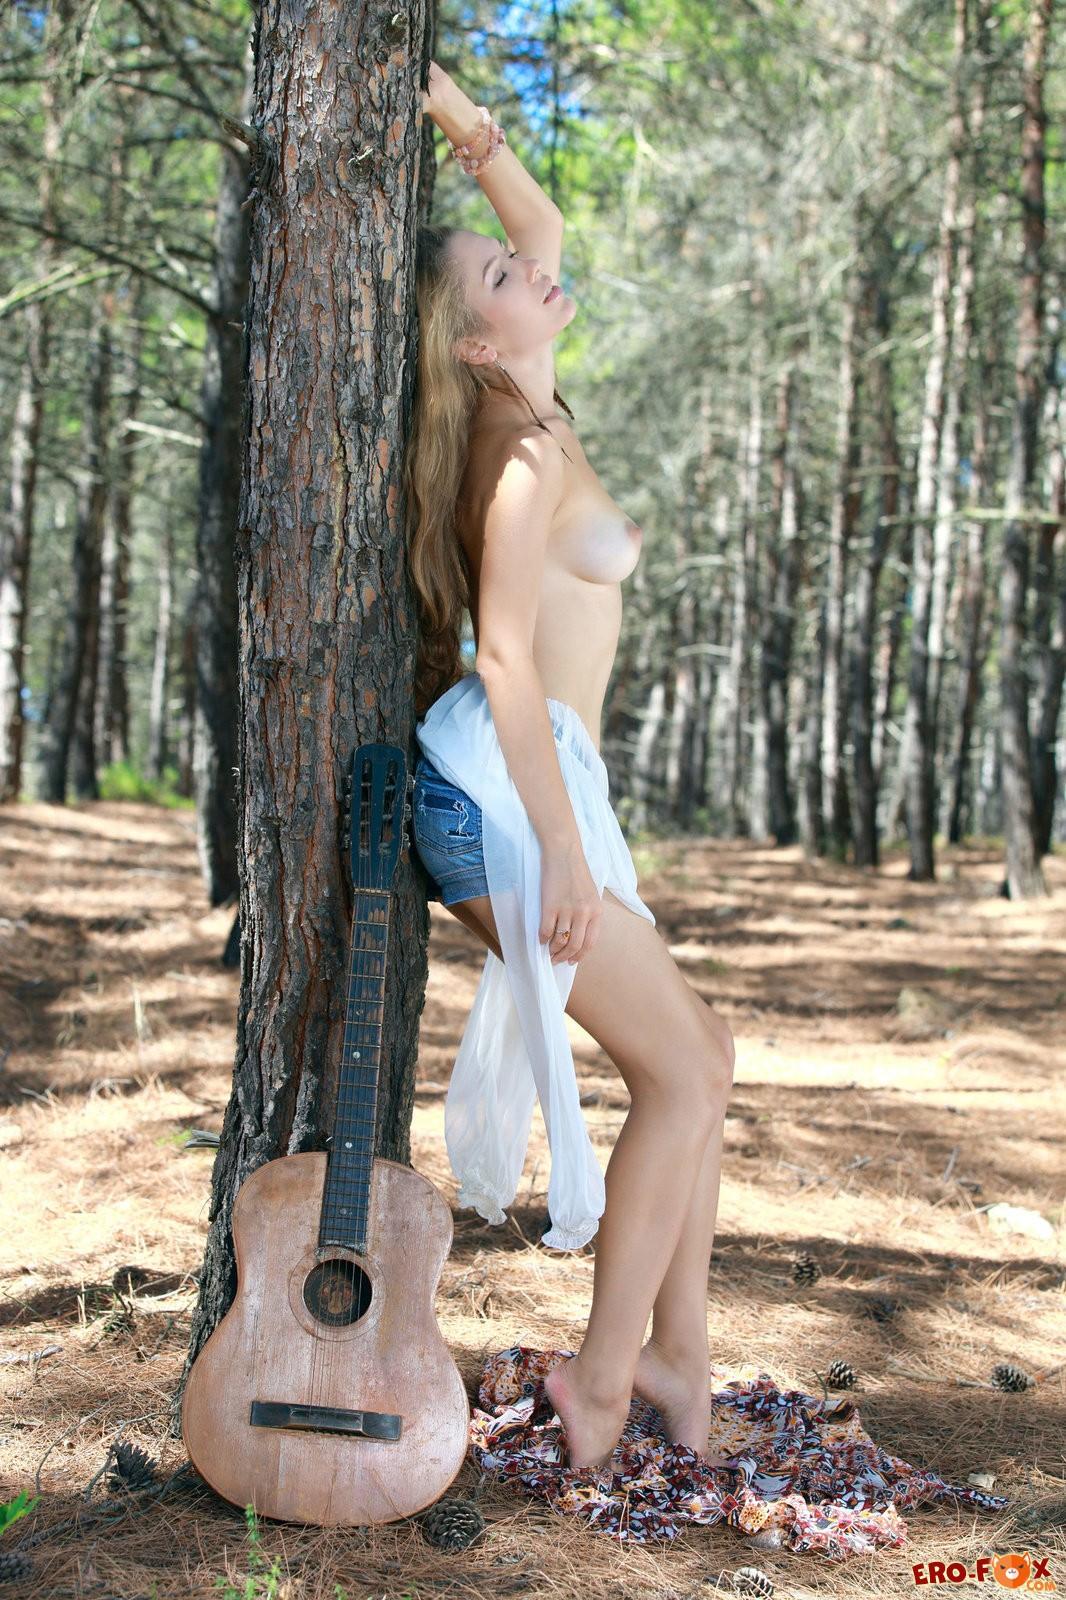 Девушка в лесу показала писю и грудь .